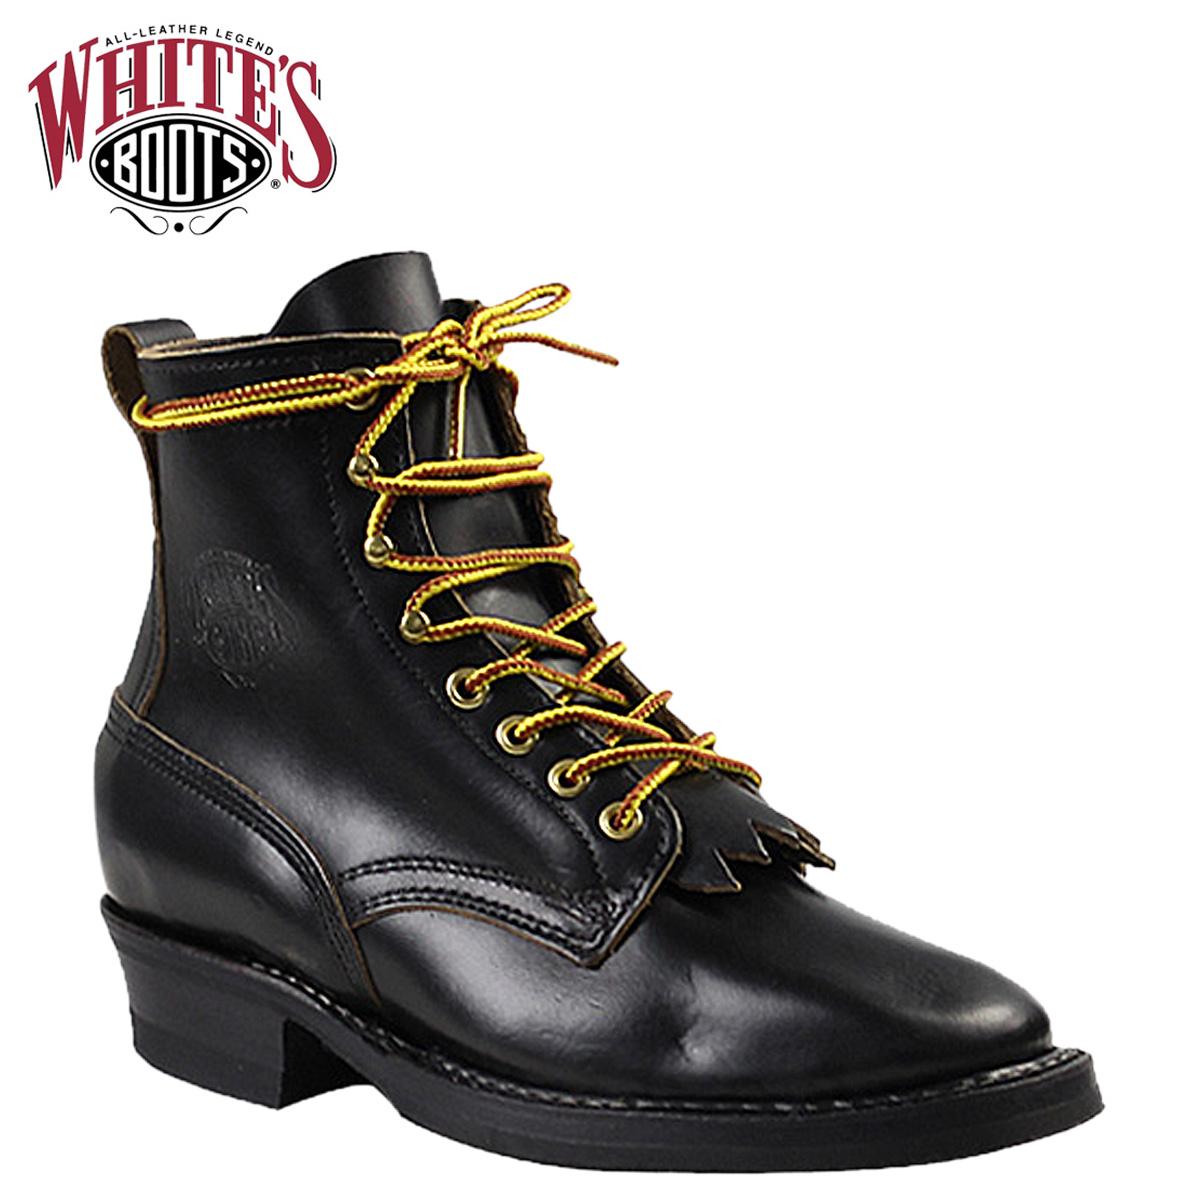 白人靴白色的靴 6 寸赏金猎人 350 WB 6 英寸的赏金猎人 E 明智黑色镀铬 EXCEL 男士 ★ ★